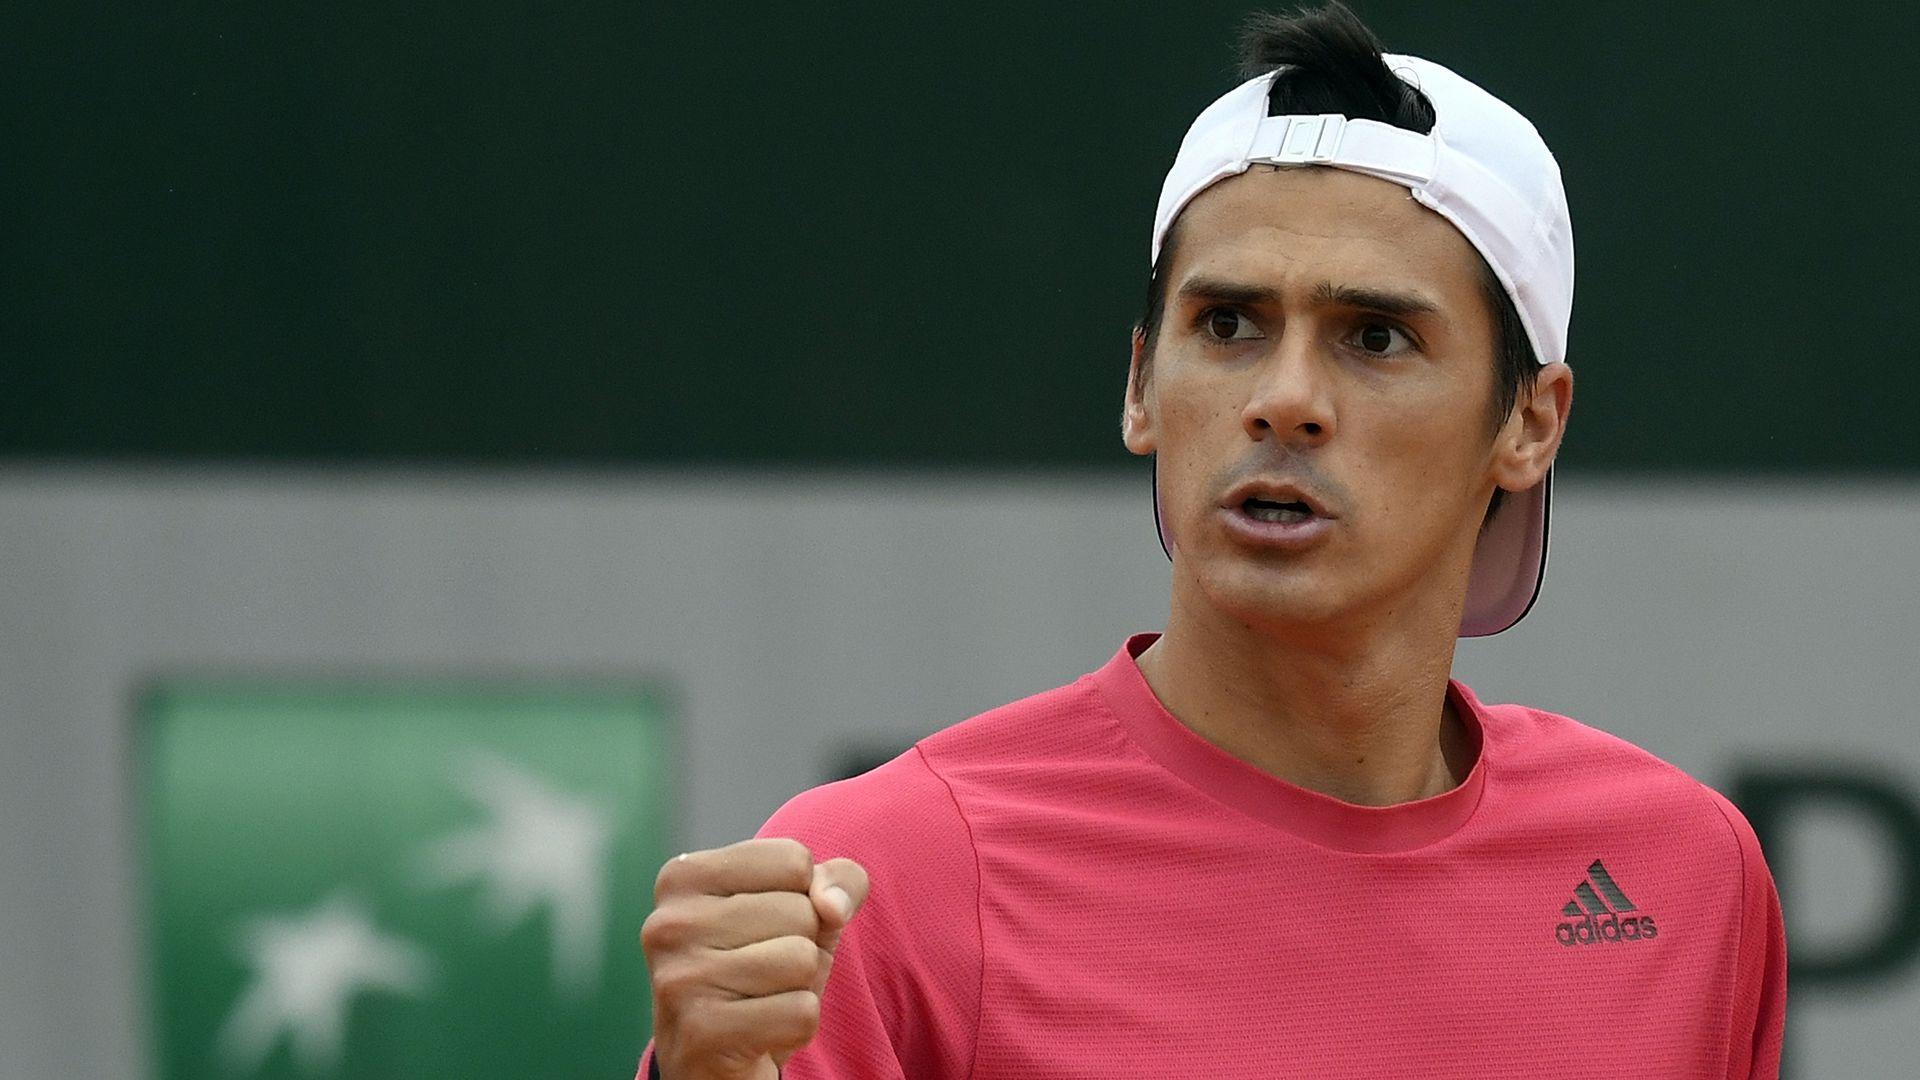 argentinos en Roland Garros